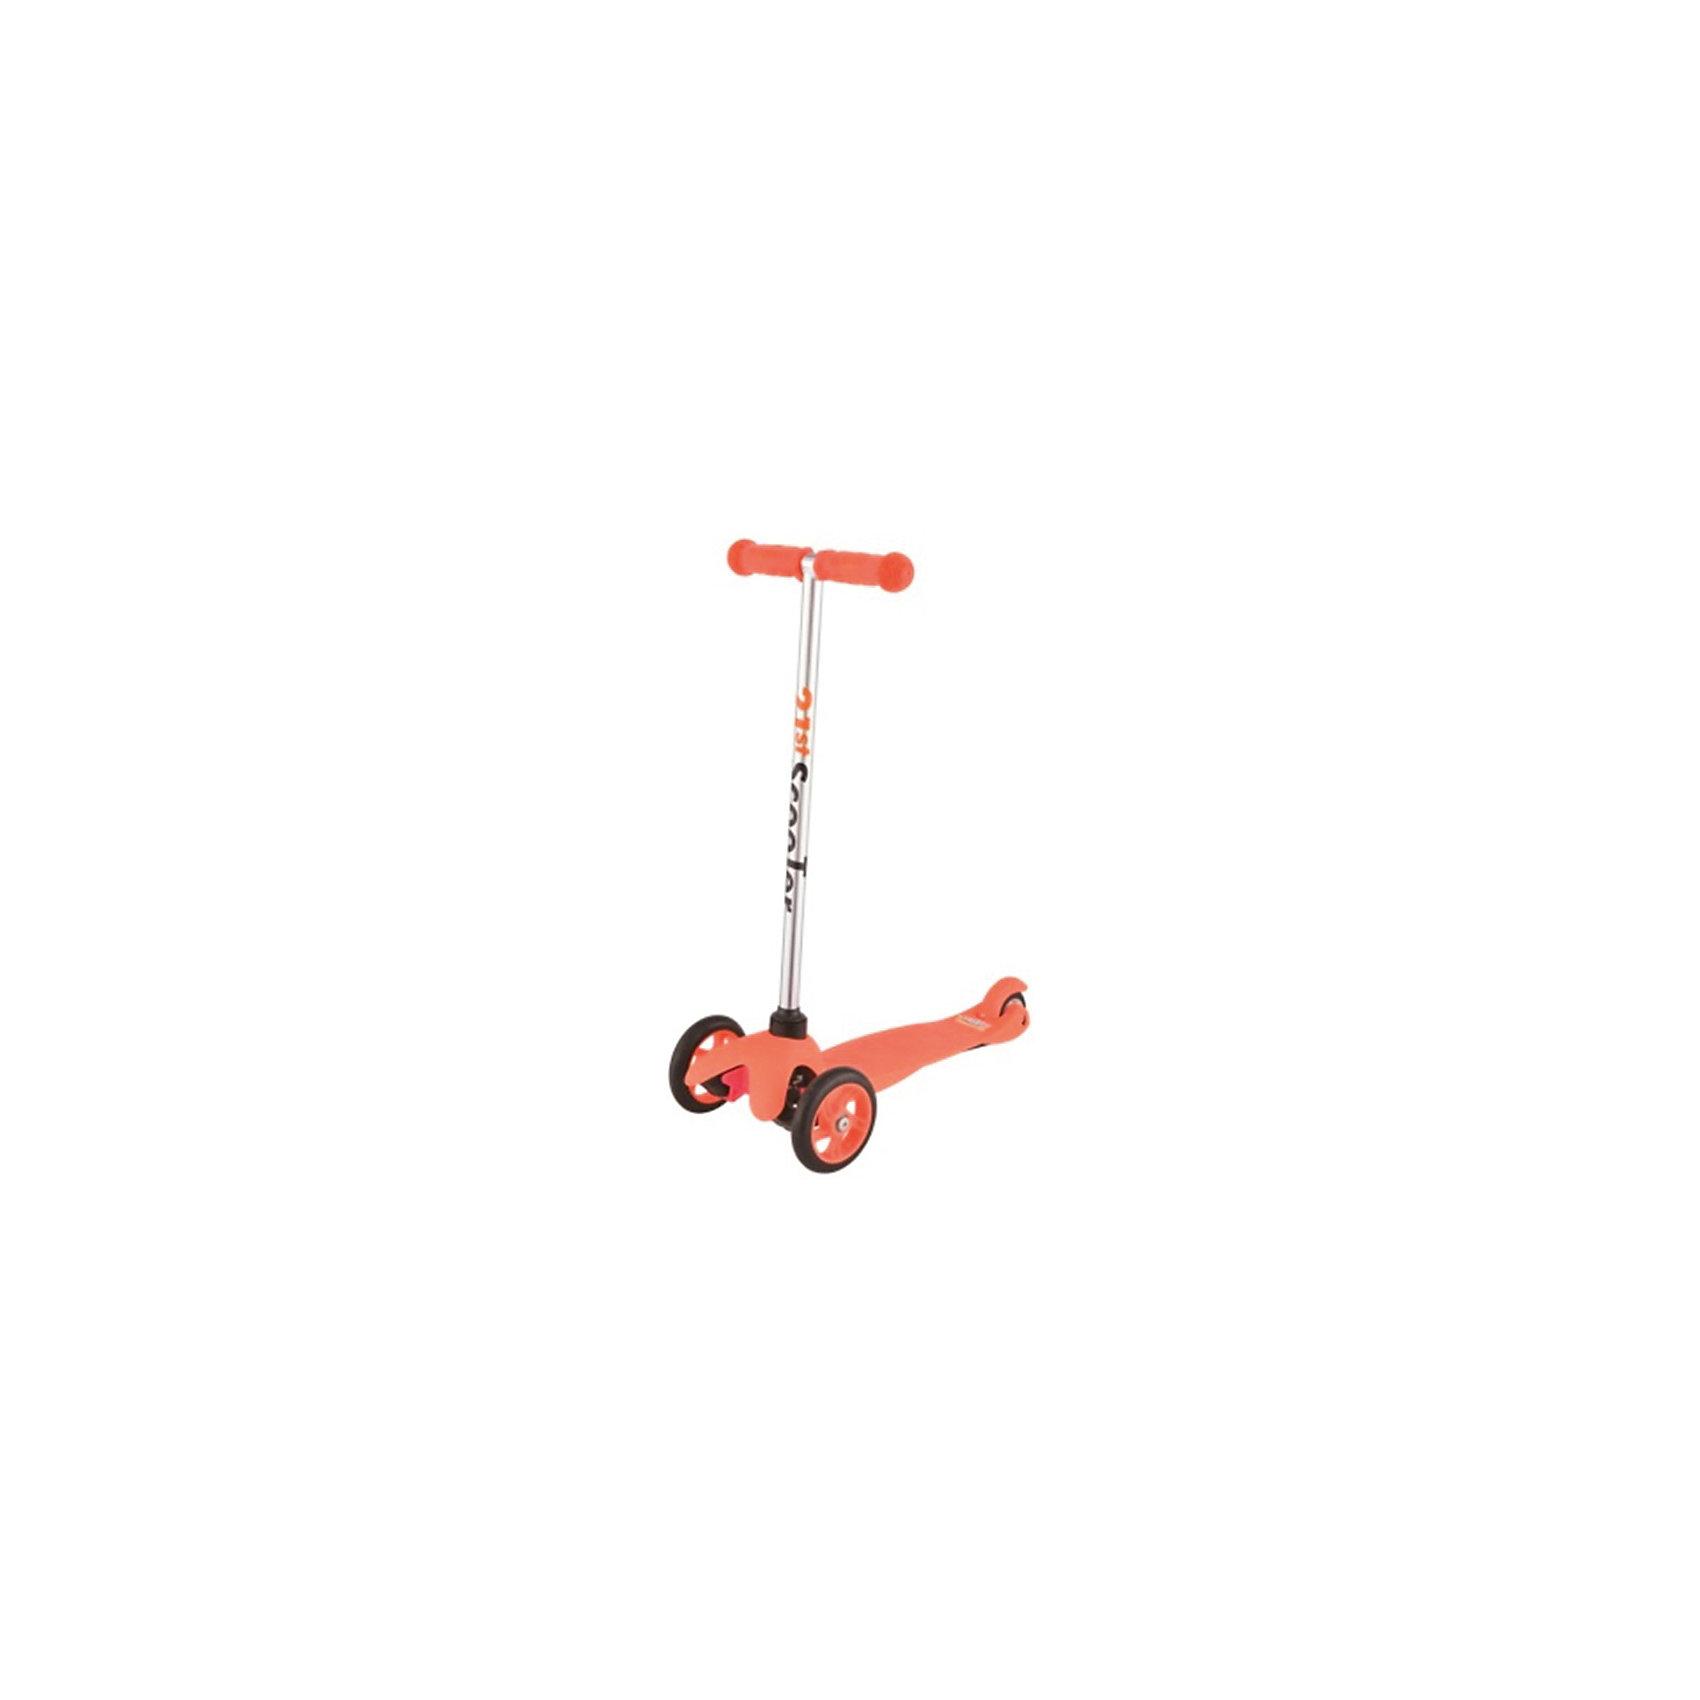 Самокат 3-х колёсный Maxi Scooter, оранжевый, 21st scooTer21st scooter MaxiScooter (SKL-06A) - детский трехколесный самокат с амортизацией передней вилки. Самокат имеет уникальную запатентованную систему управления. Гибкая подножка сделана из мягкого пластика усиленного стекловолокном, что исключает риск травмирования ребенка об нее.За счет своей устойчивости и плавности хода, SKL-06A очень просто освоить. Самокат изготовлен из высококачественных материалов. Он отлично способствует развитию опорно-двигательного аппарата ребенка его координацию движения и навыки балансировки.Характеристики:• Вес: 2 кг.• Возраст:  от 3-х лет• Максимальная нагрузка: до 30 кг.• Материал: алюминий, полипропилен, стеклопластик• Колеса: полиуретановые литые колеса PU• Диаметр колес: передние 120 мм, заднее 80 мм.• Подшипники: ABEC-1• Тормоз: задний тормоз наступающий (step-on brake)• Размеры: 67х23х53,5 см.• Размер платформы: 52х11 см.<br><br>Ширина мм: 610<br>Глубина мм: 450<br>Высота мм: 390<br>Вес г: 2400<br>Возраст от месяцев: 36<br>Возраст до месяцев: 2147483647<br>Пол: Унисекс<br>Возраст: Детский<br>SKU: 5475697